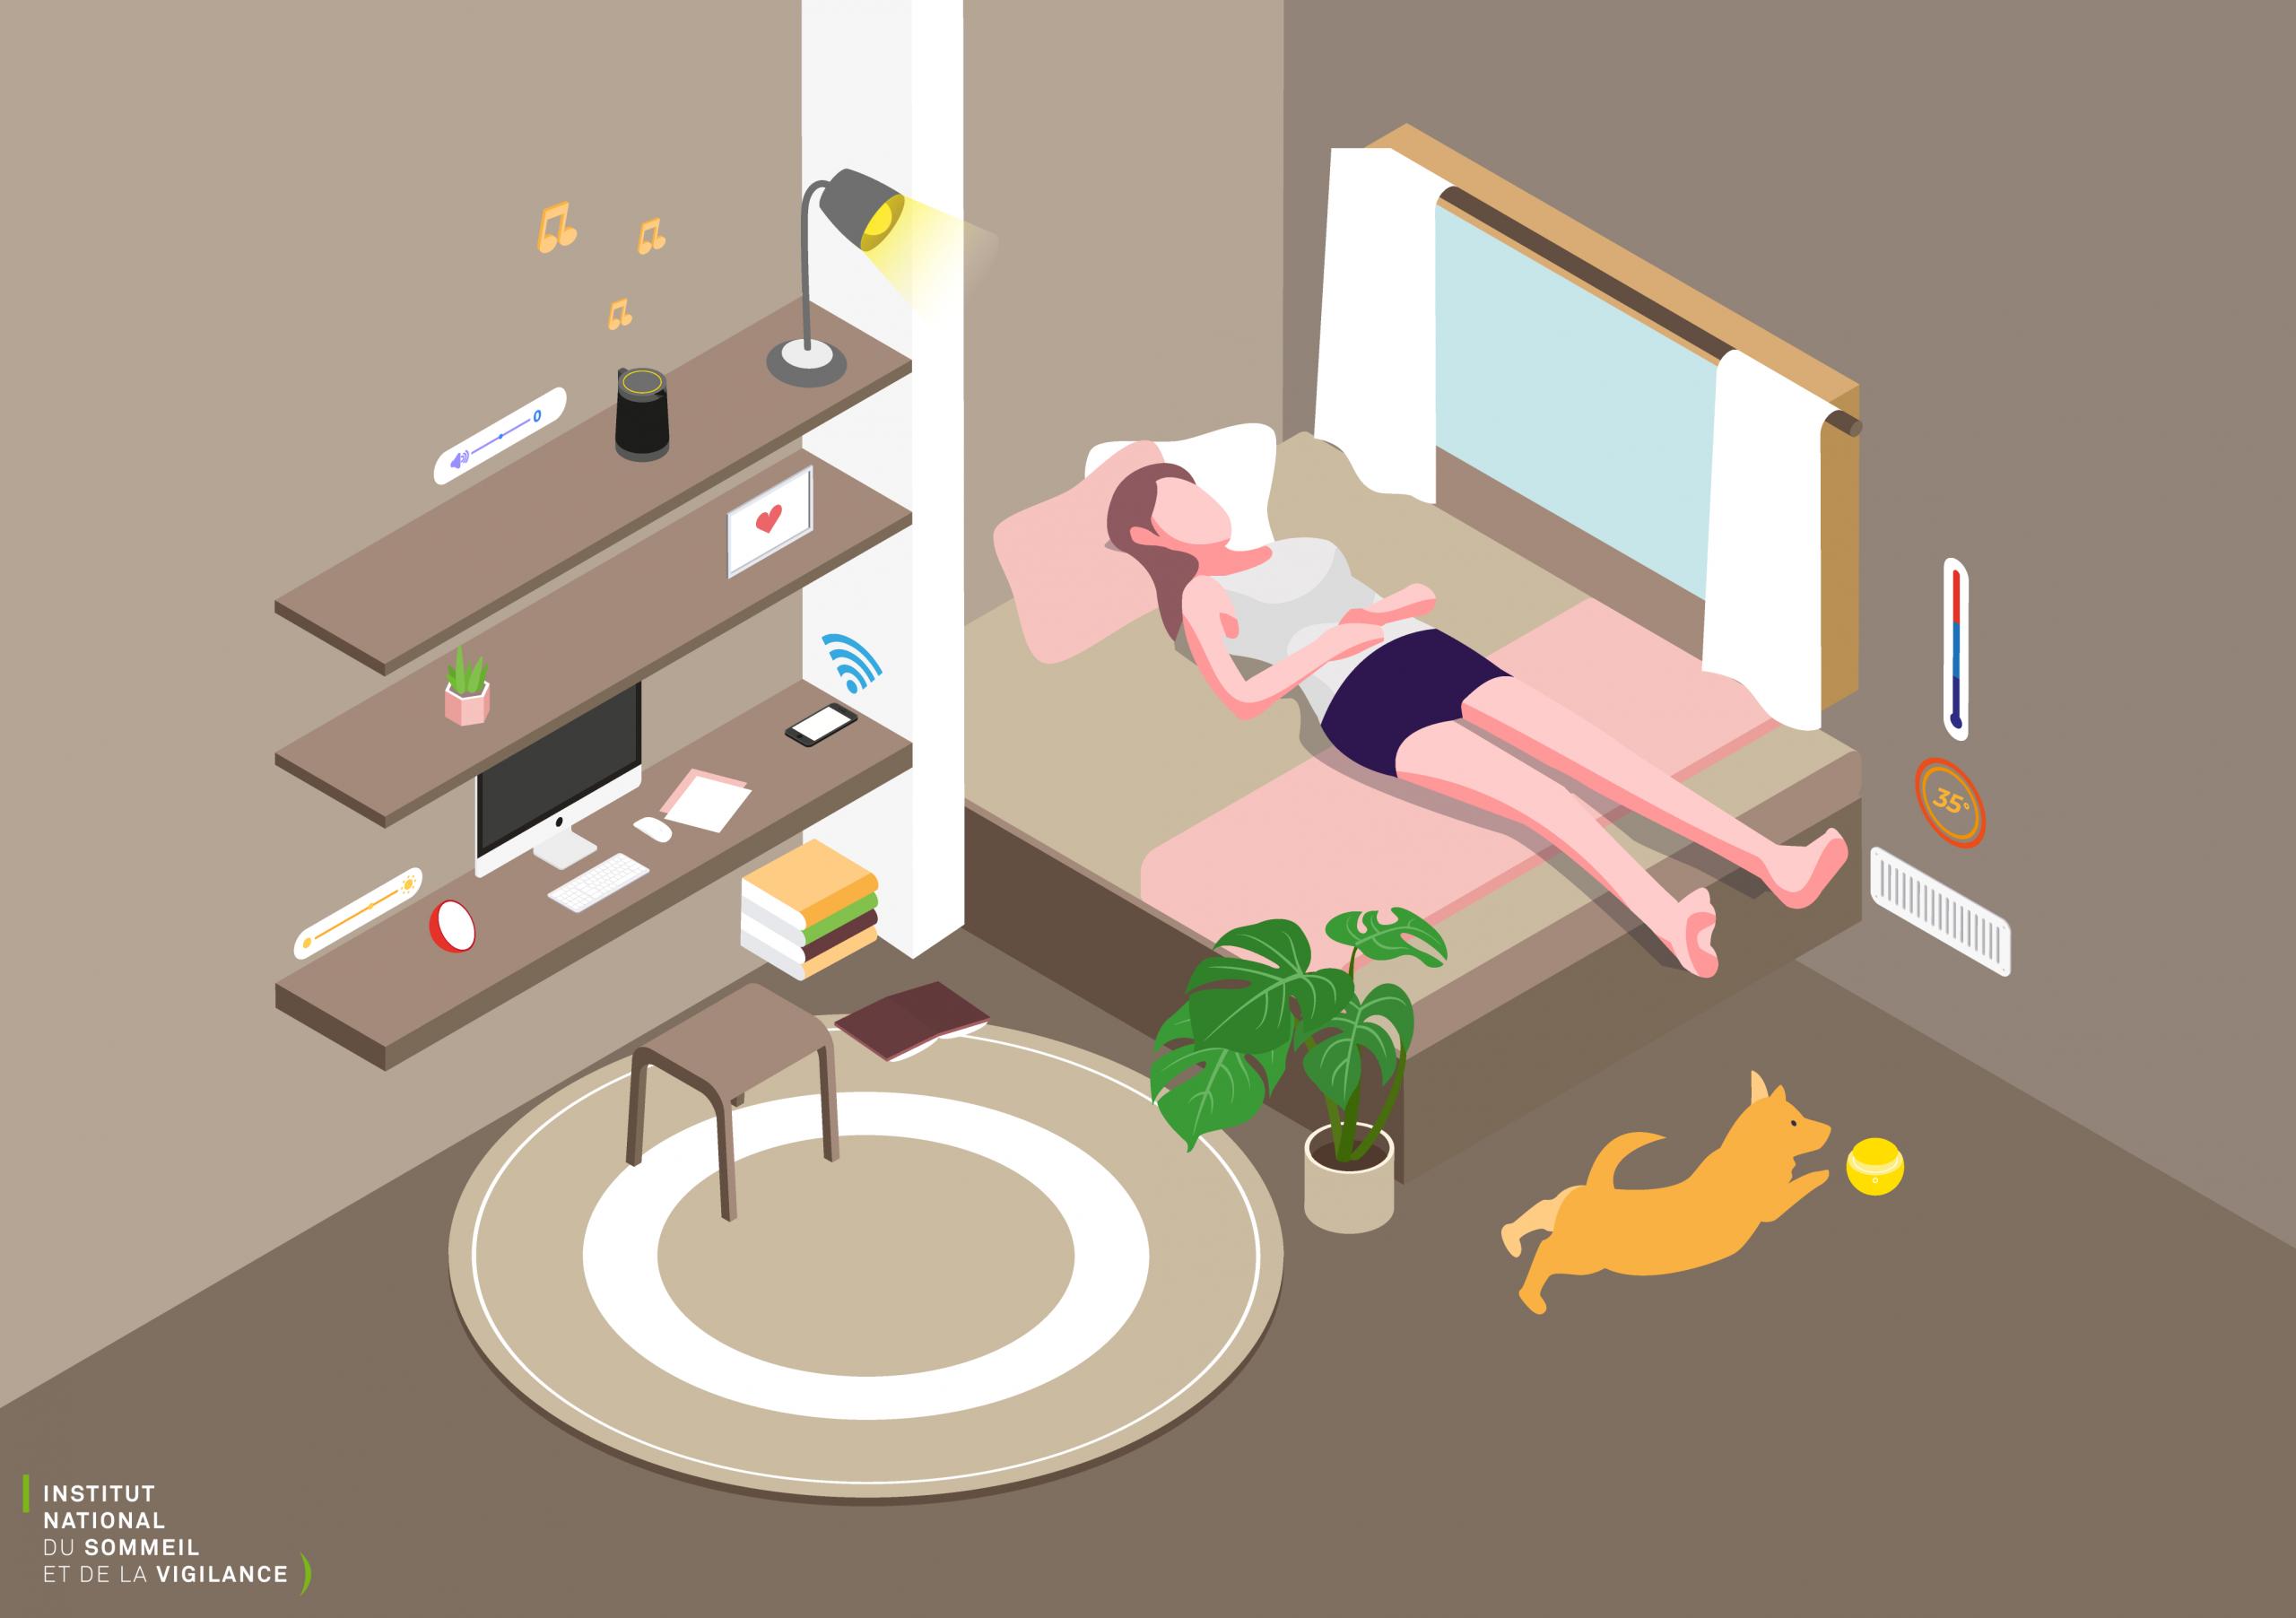 Une Chambre Idéale Pour Bien Dormir : Jeu Des 6 Erreurs pour Jeux Les 7 Erreurs